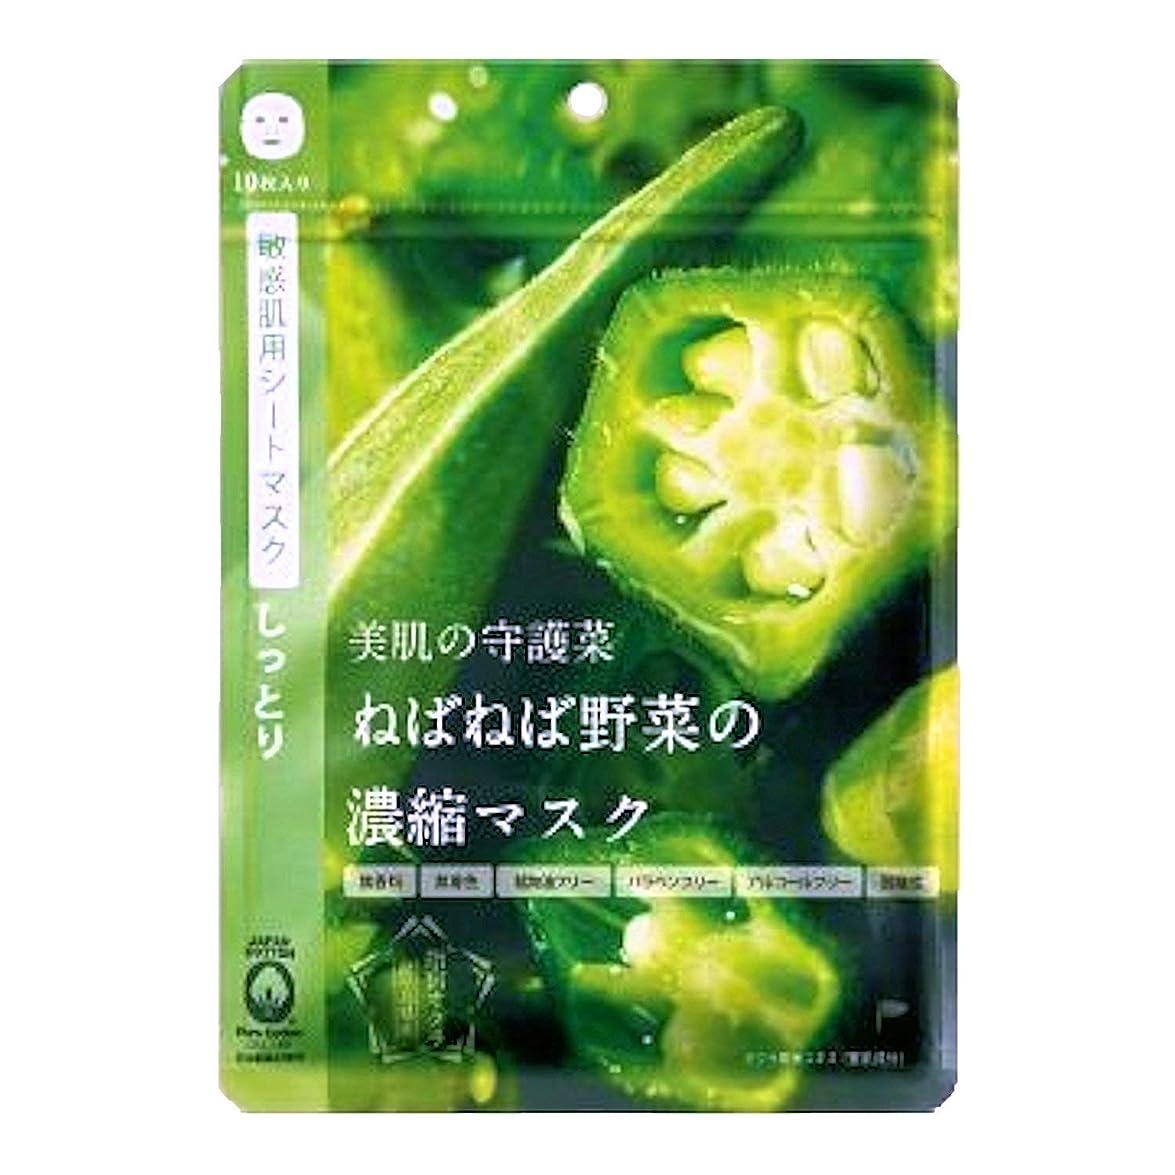 子供達誇張する振り子@cosme nippon 美肌の守護菜 ねばねば野菜の濃縮マスク 指宿オクラ 10枚入り 160ml